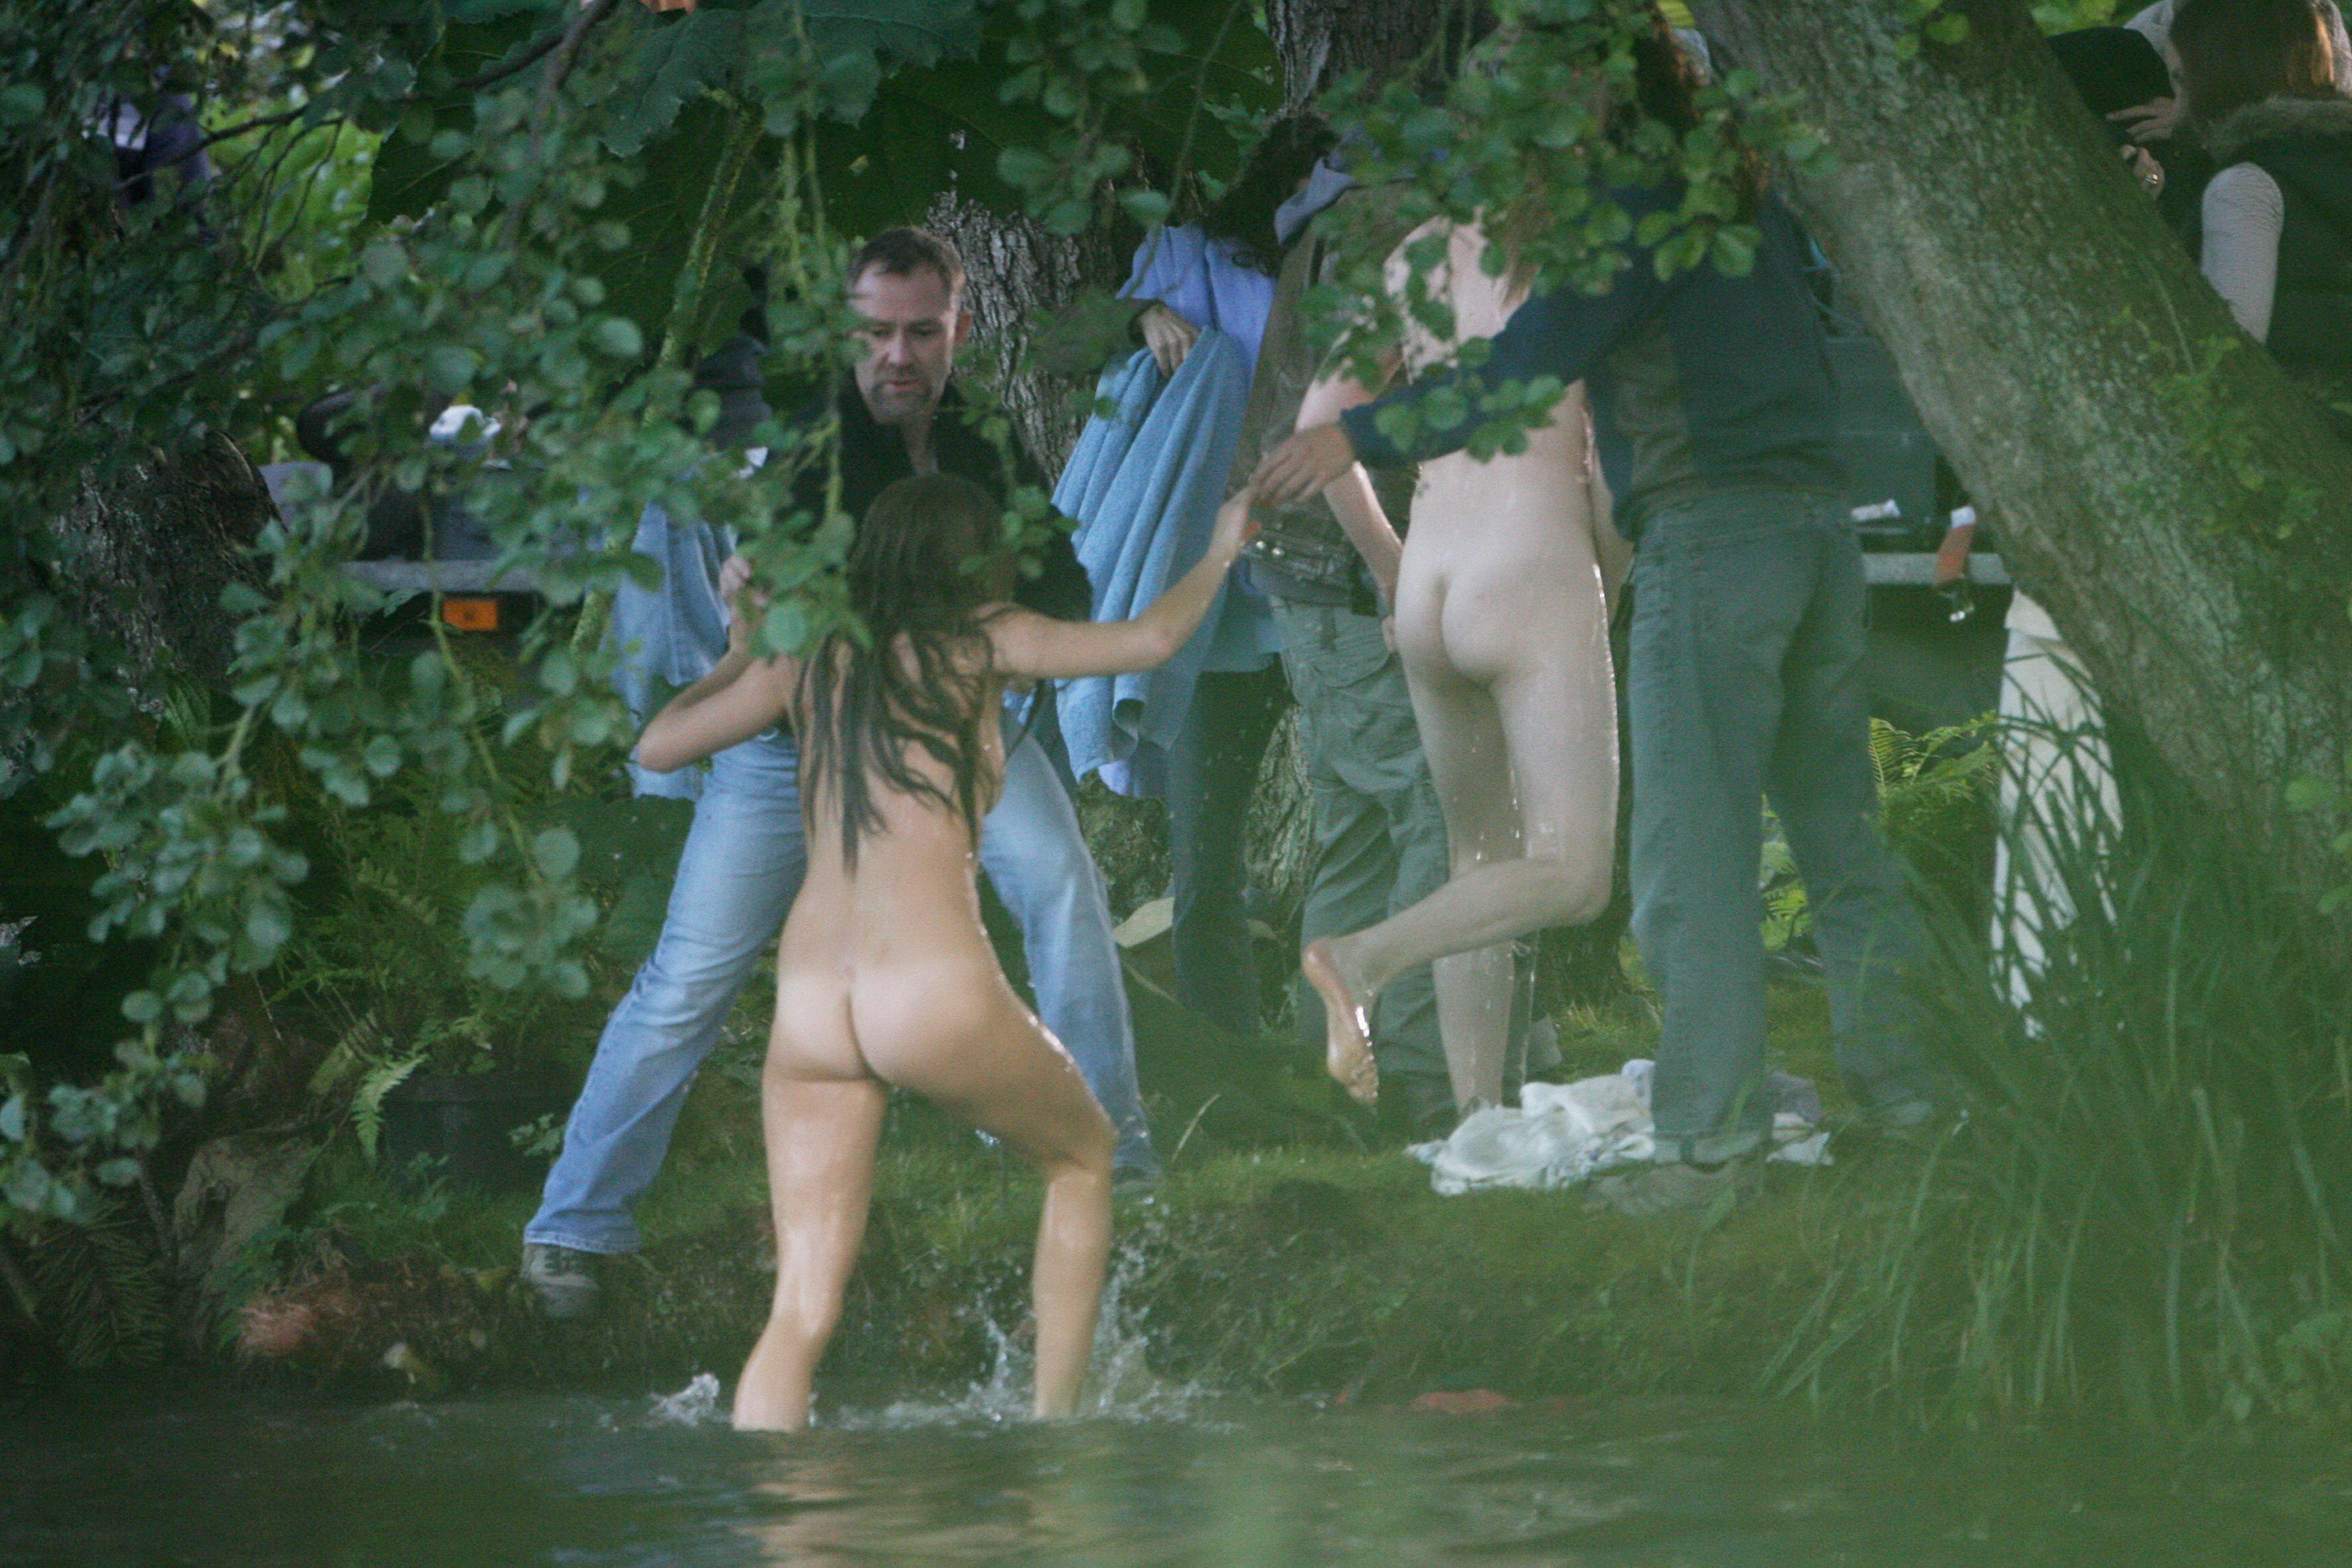 Украли одежду эротика, бразильские накончали полное очко